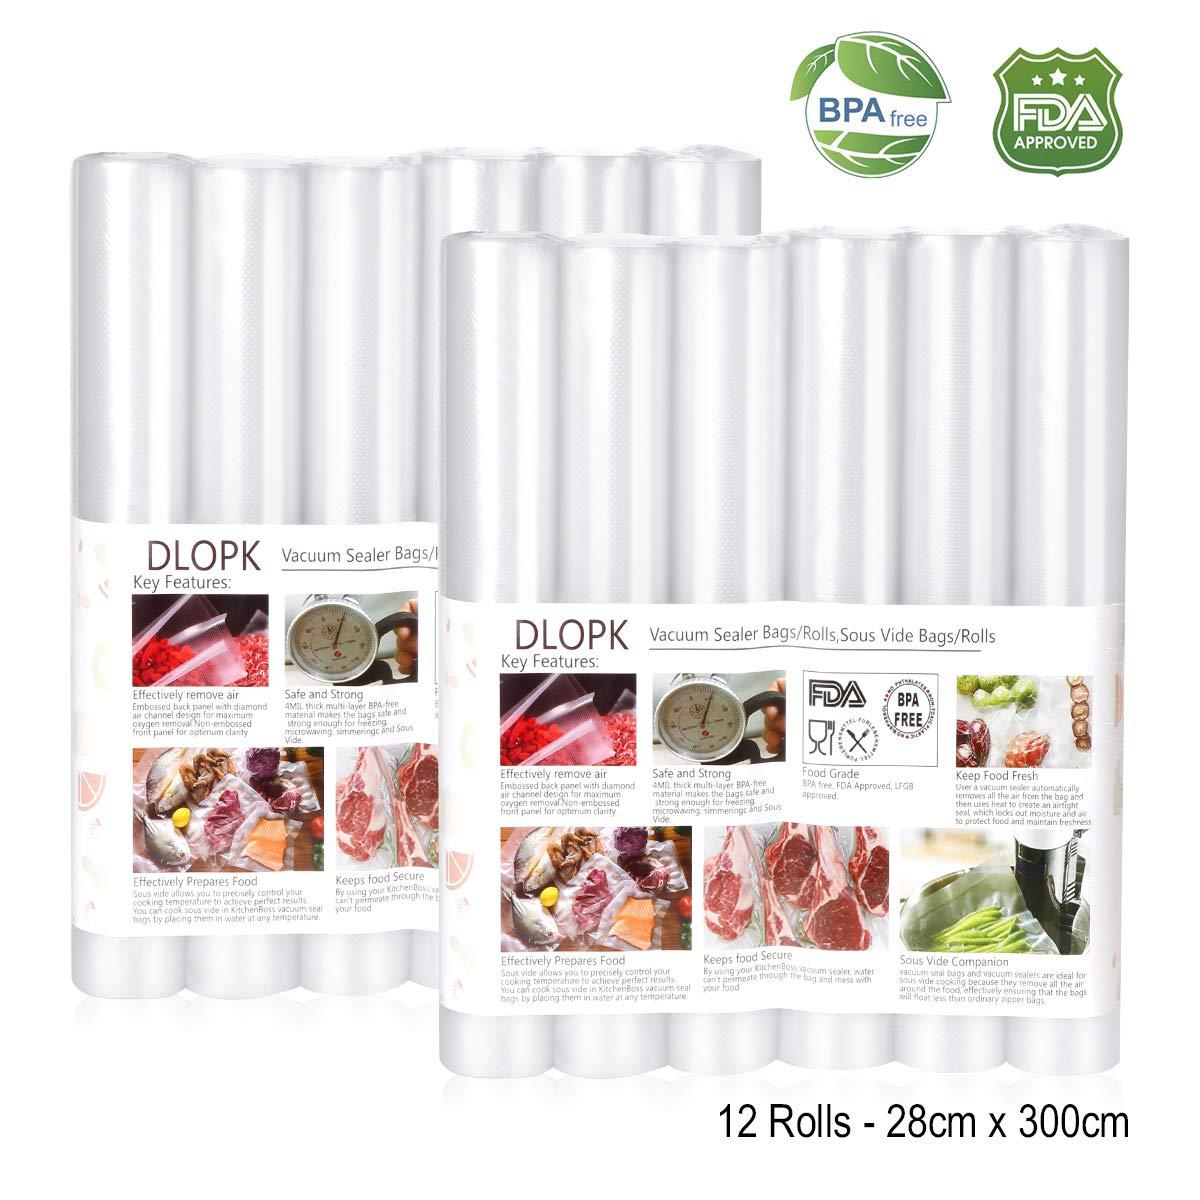 Bolsas de Vacío 12 pack 28x300cm Bolsas Profesional para la Conservación,Sous Vide Cocina, Aprobación de la FDA y BPA Free